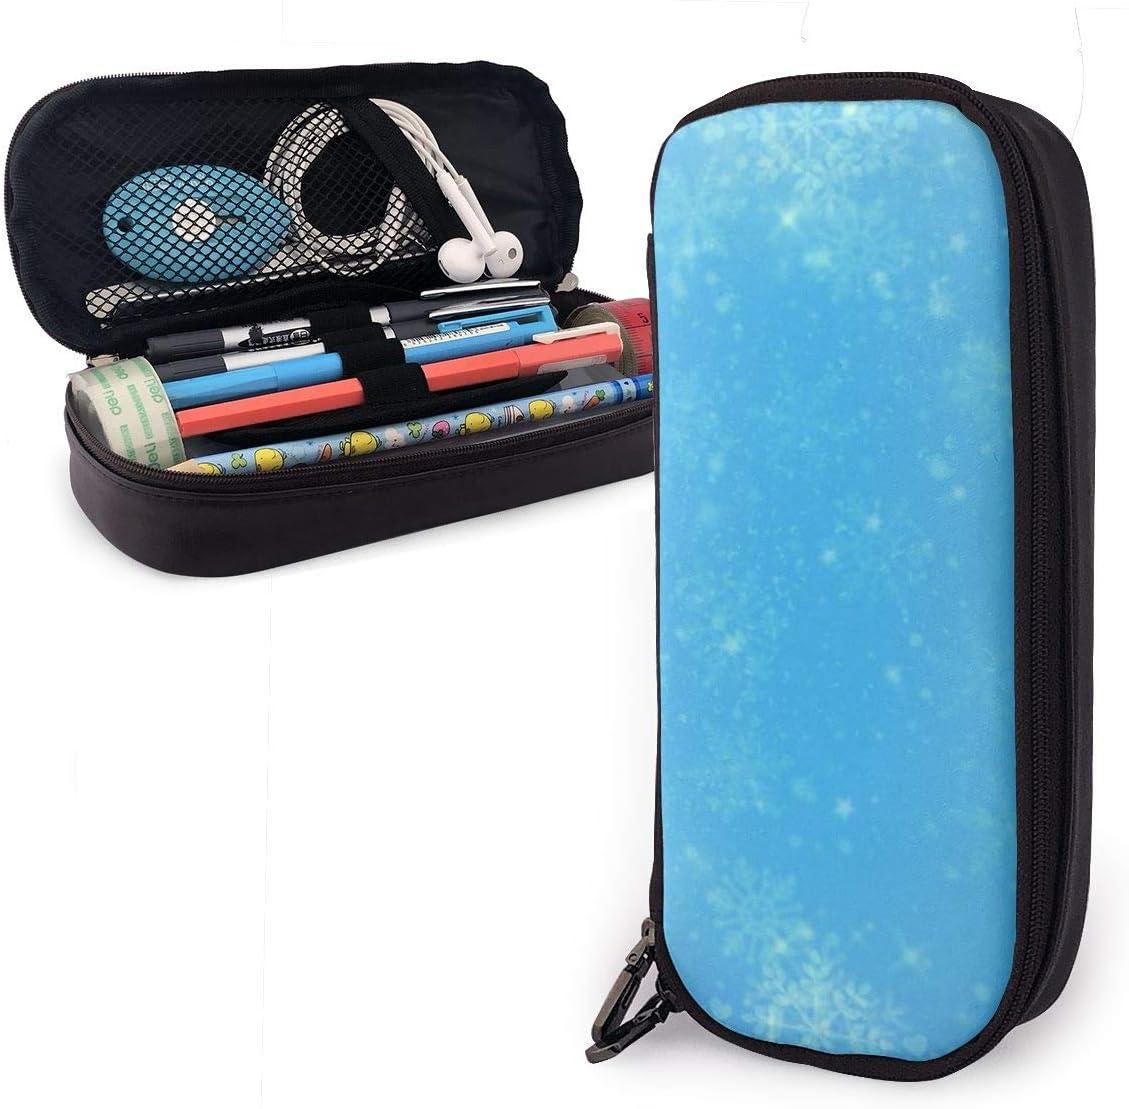 Estuche para lápices con diseño de copos de nieve, color azul y blanco, para niños y niñas: Amazon.es: Oficina y papelería